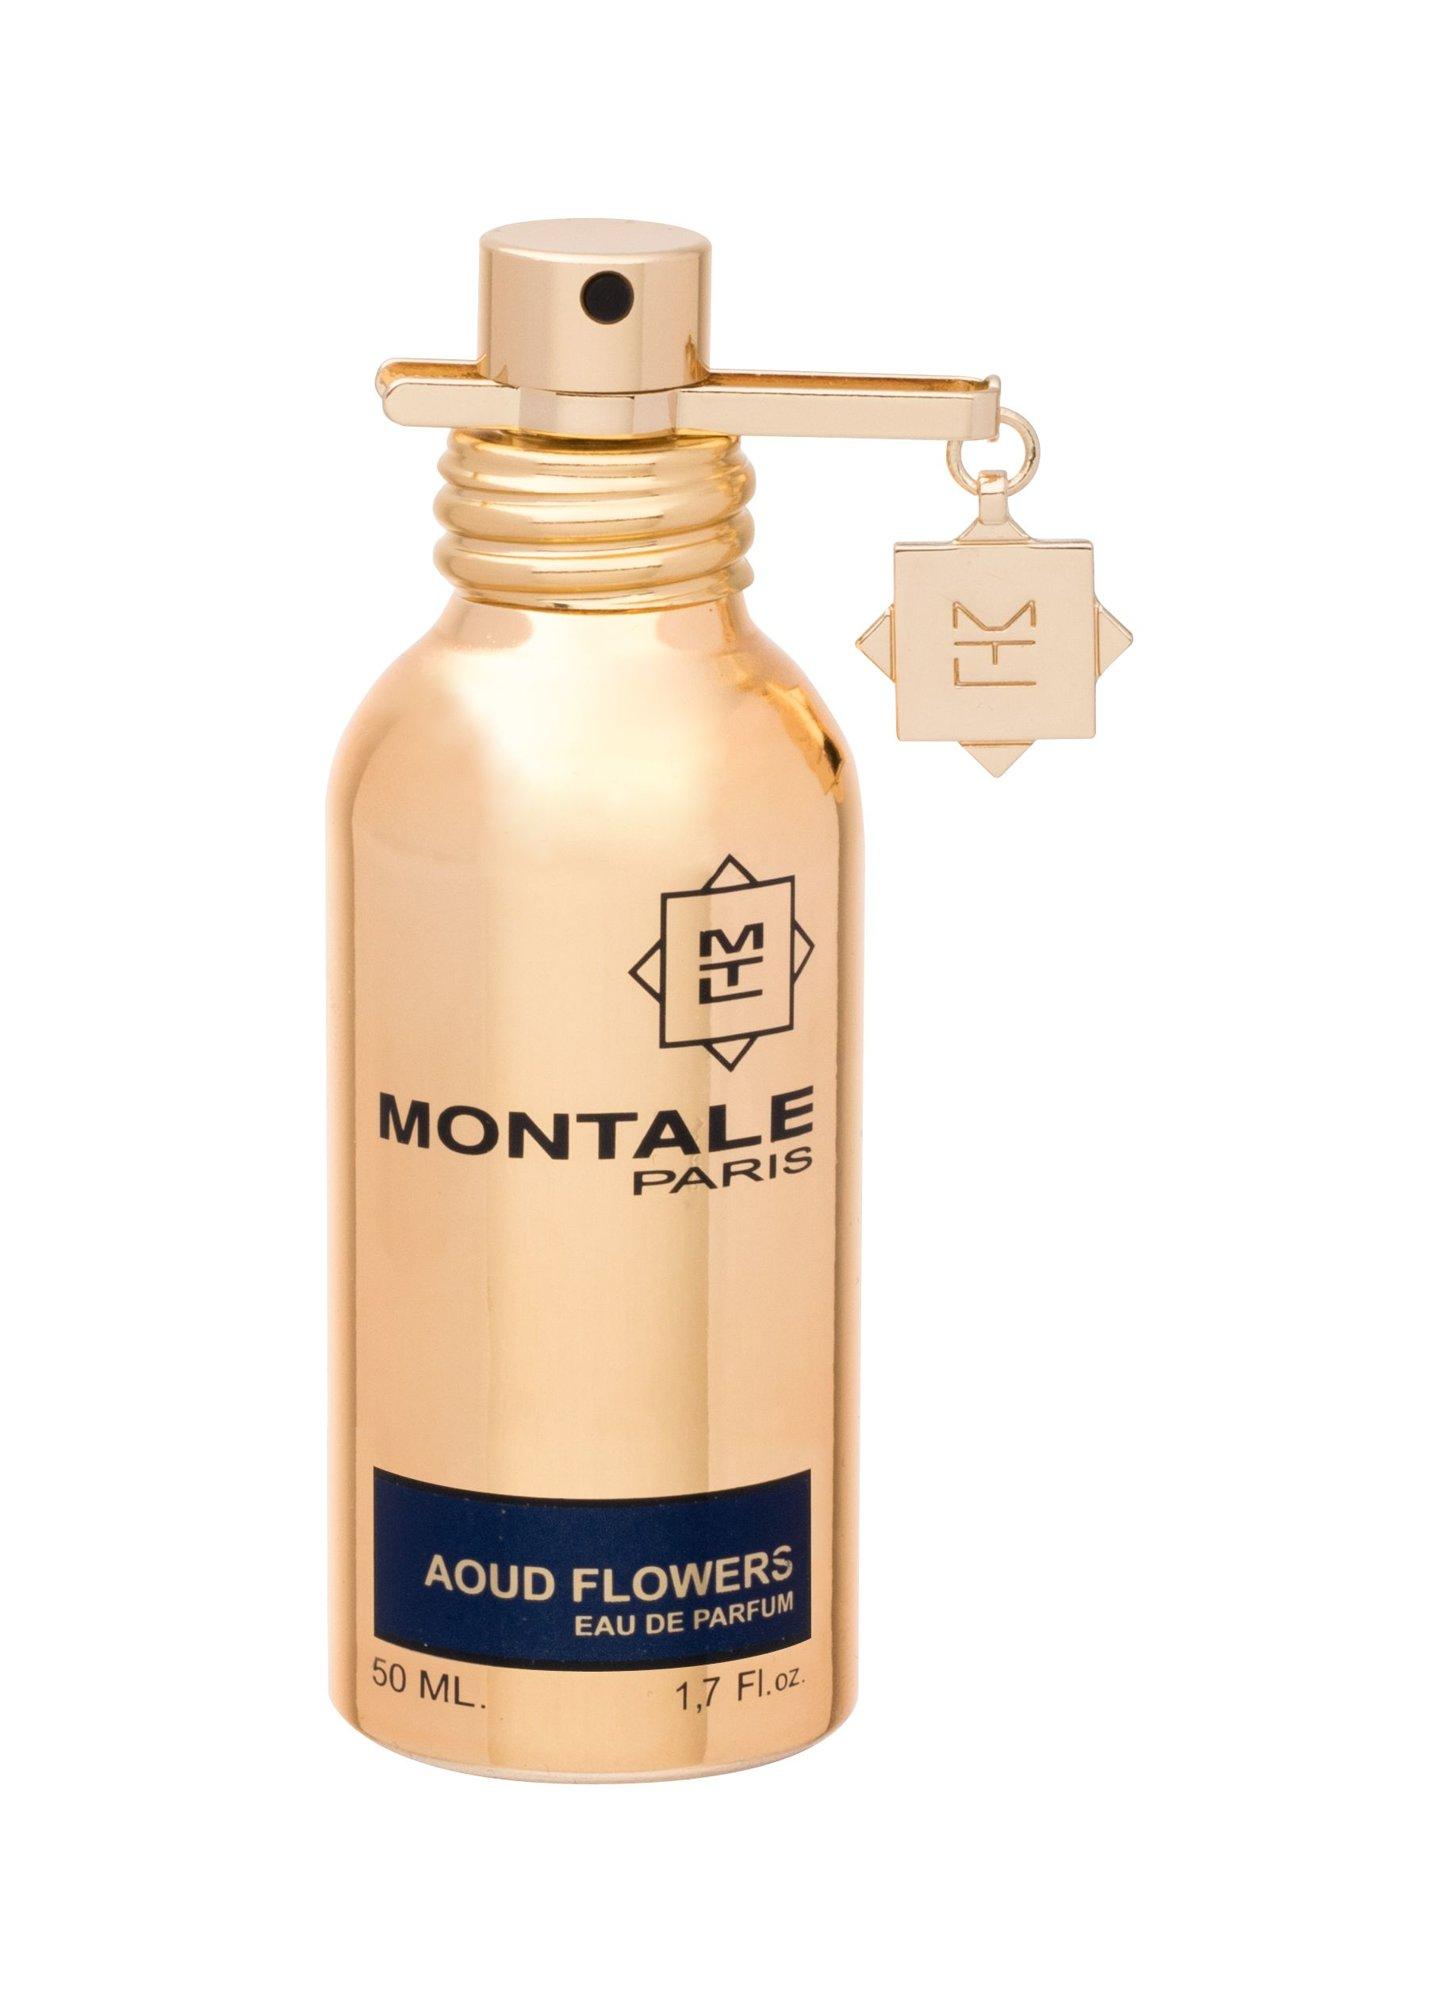 Montale Paris Aoud Flowers EDP 50ml